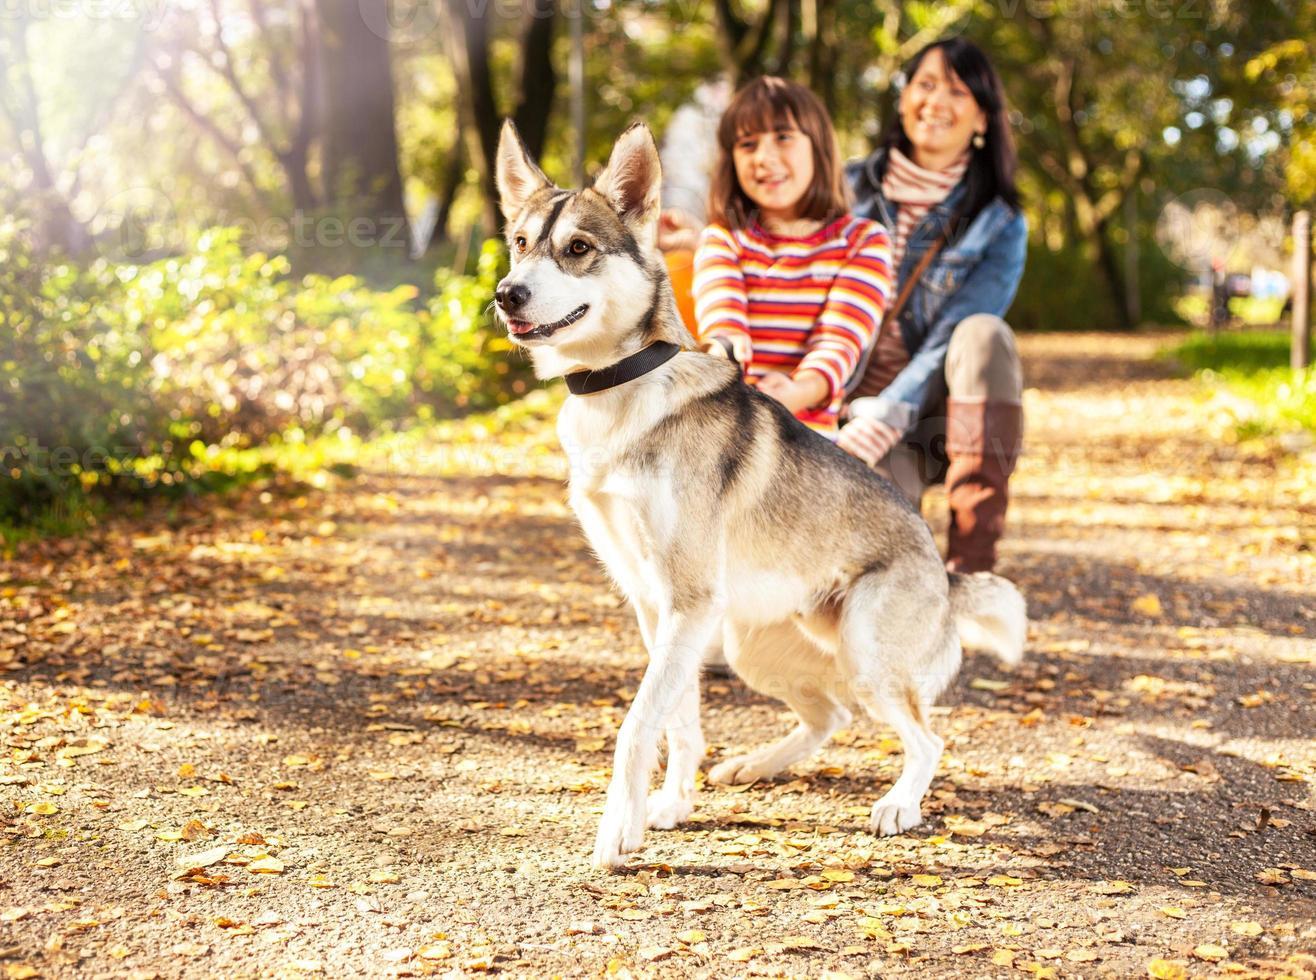 família feliz andando no parque foto